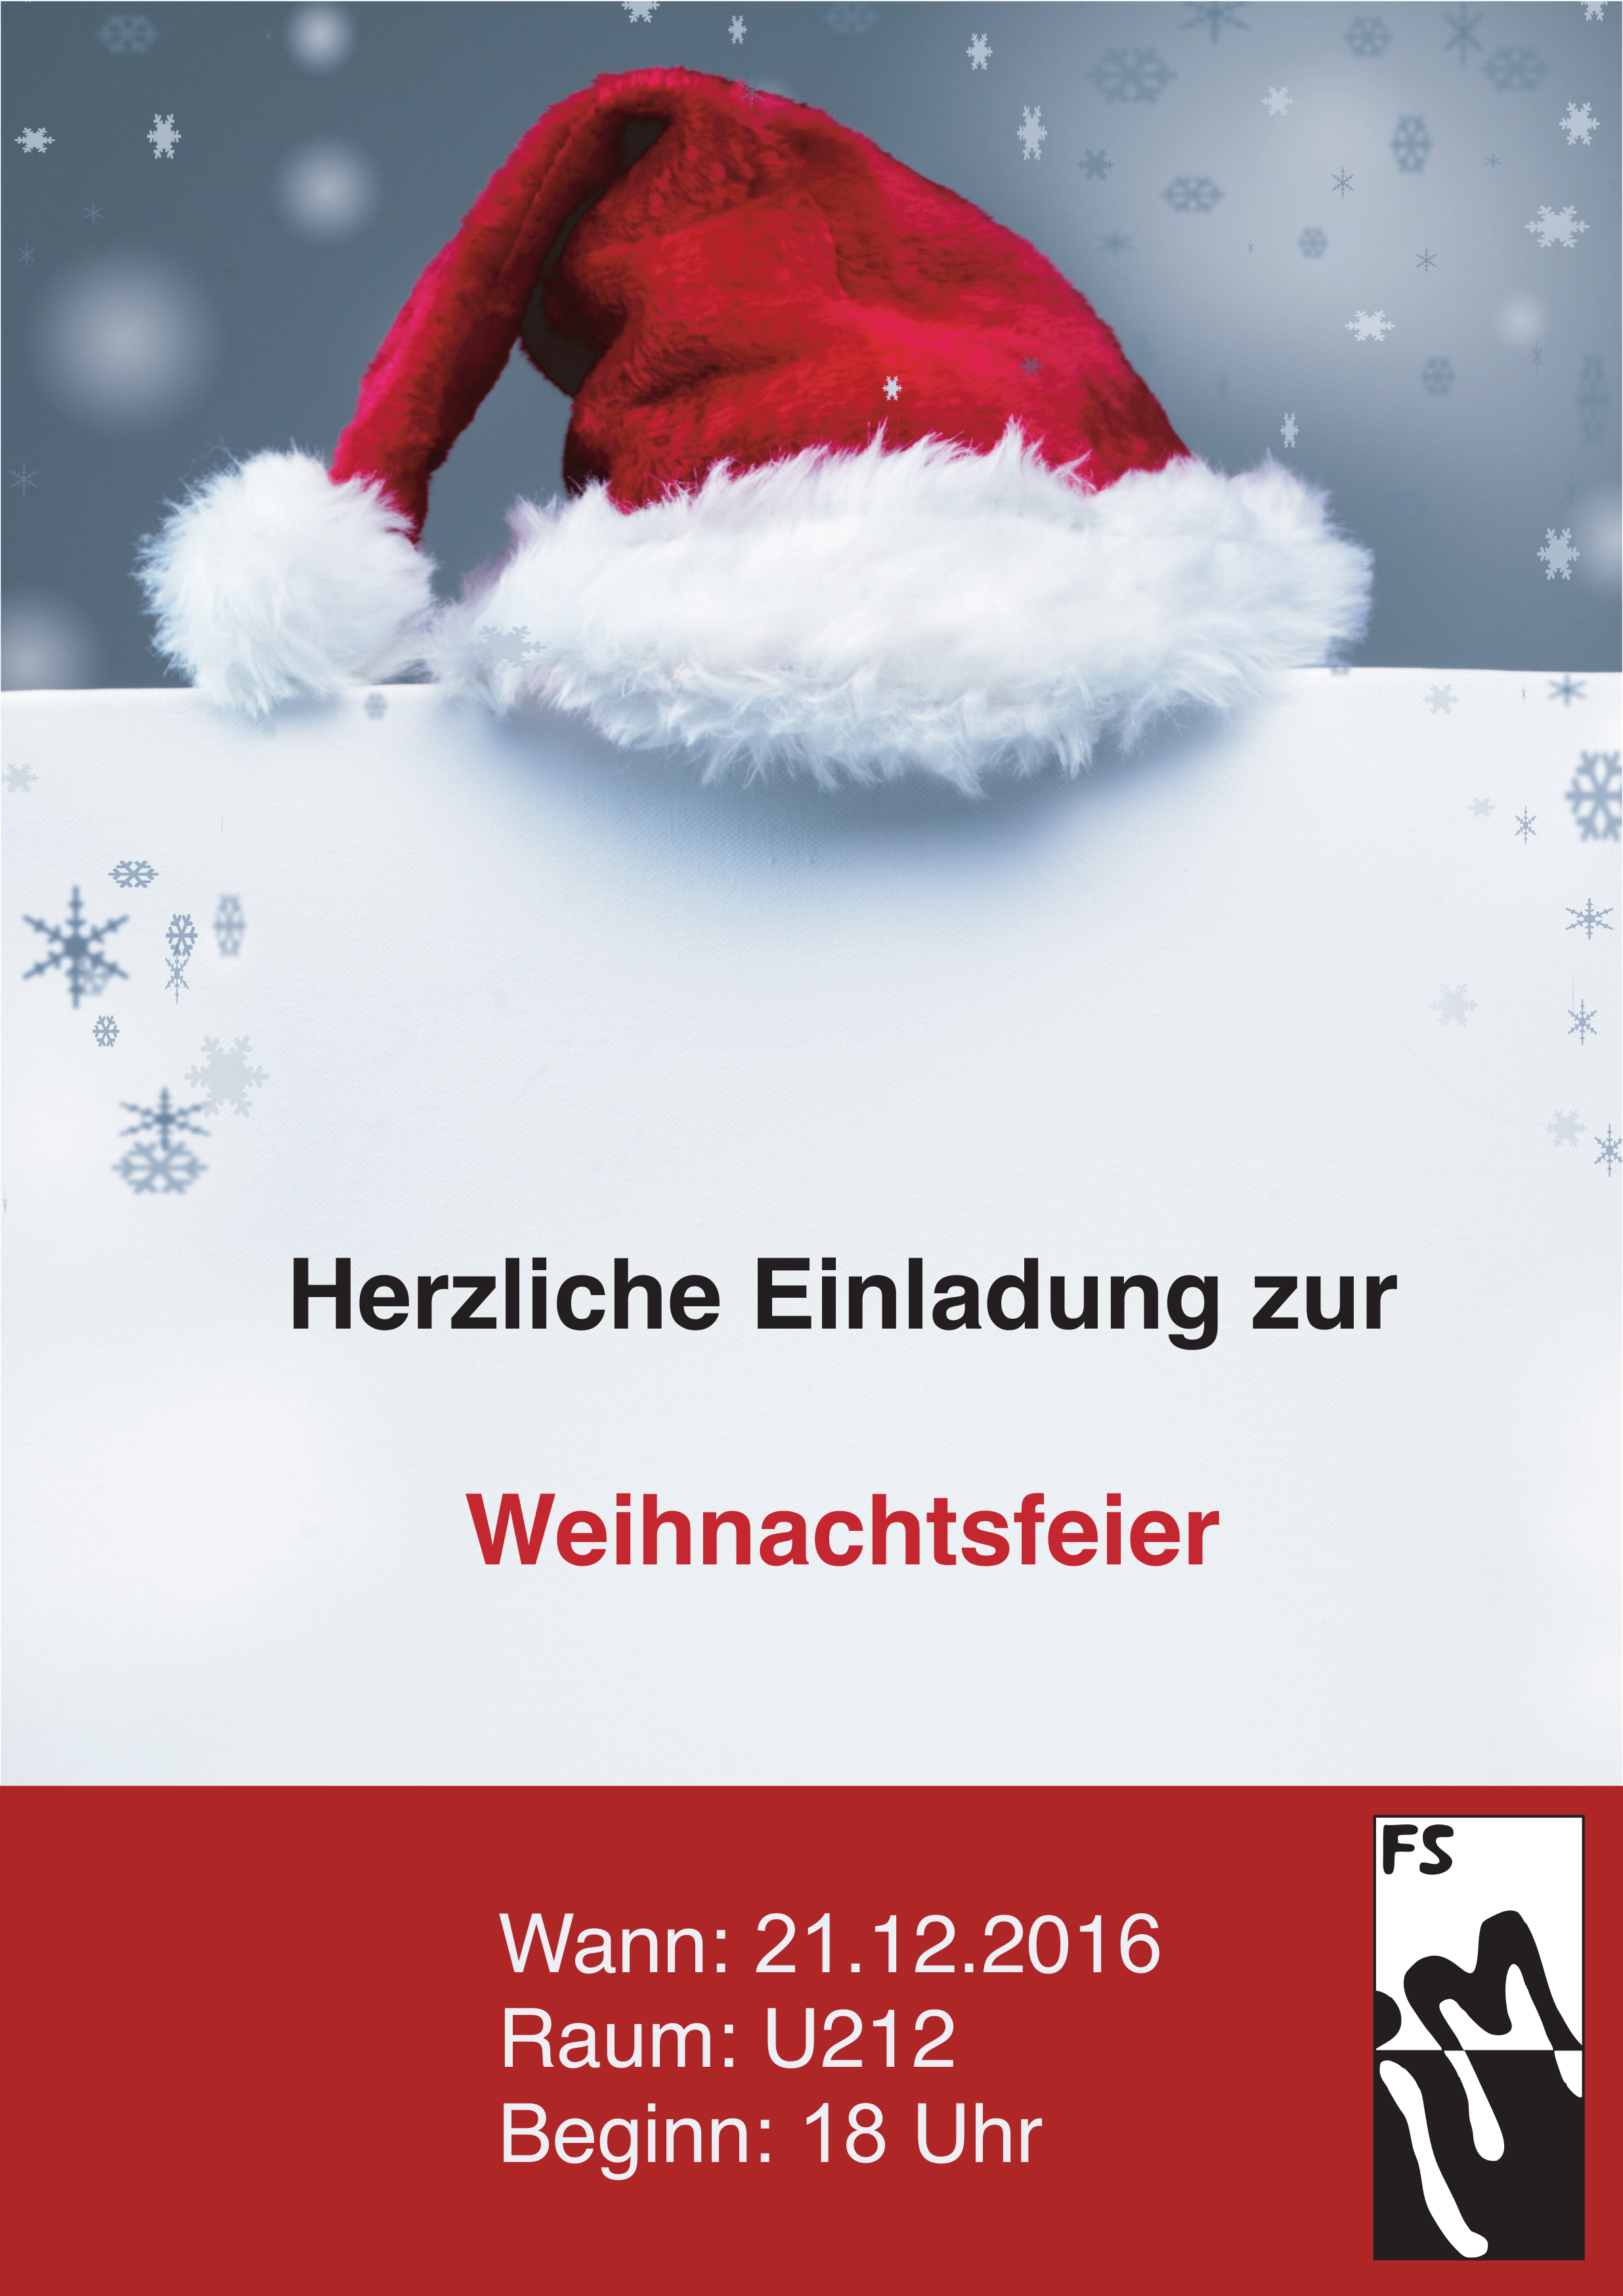 Weihnachtsfeier Plakat.Weihnachtsfeier Der Fsim Am Mittwoch Fsim E V